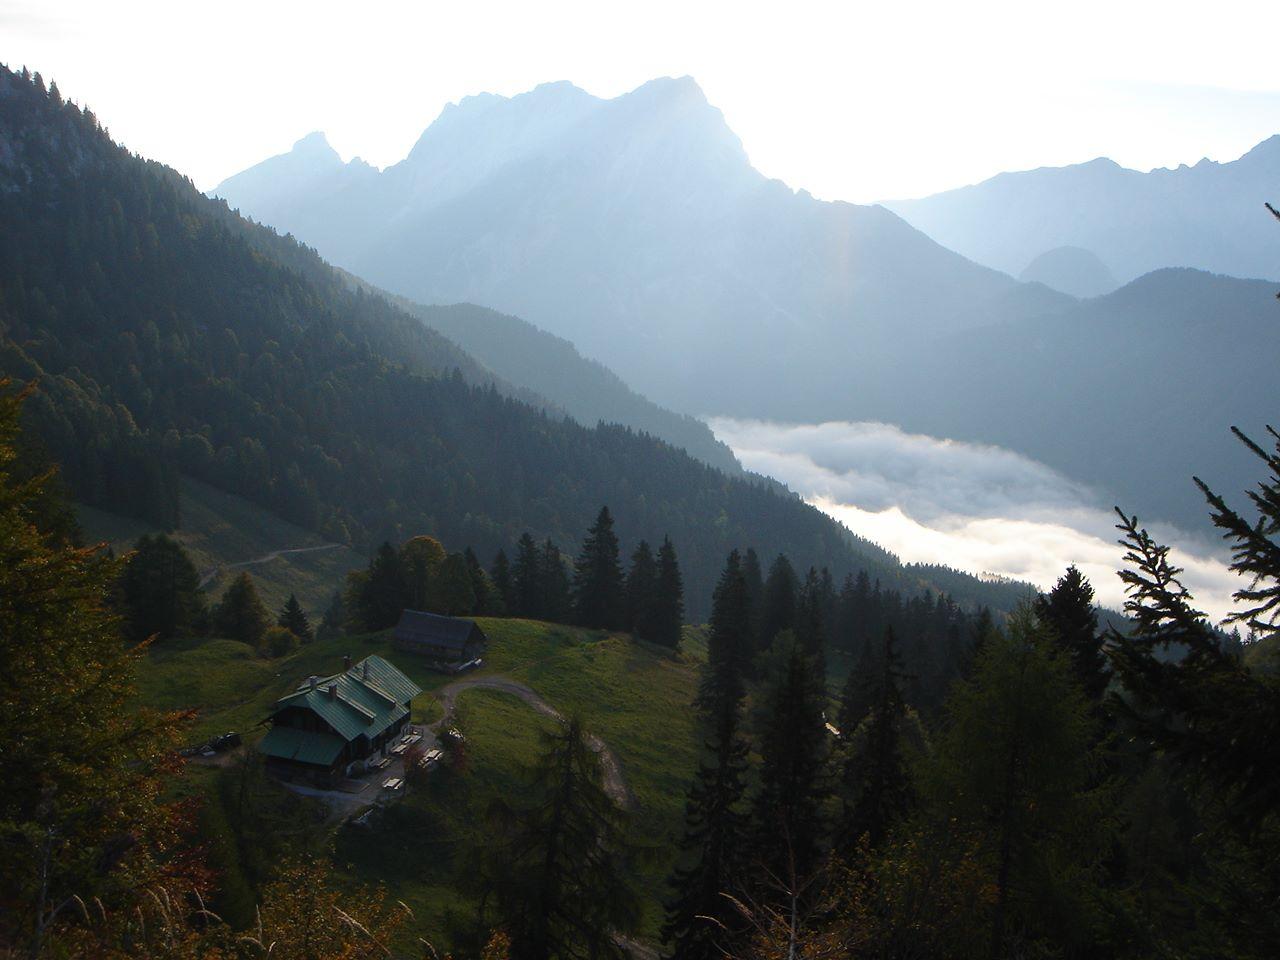 Foto: Manfred Karl / Wander Tour / Grabnerstein - Gipfelrunde / Grabneralmhaus gegen die Buchsteine. / 18.05.2007 14:51:40